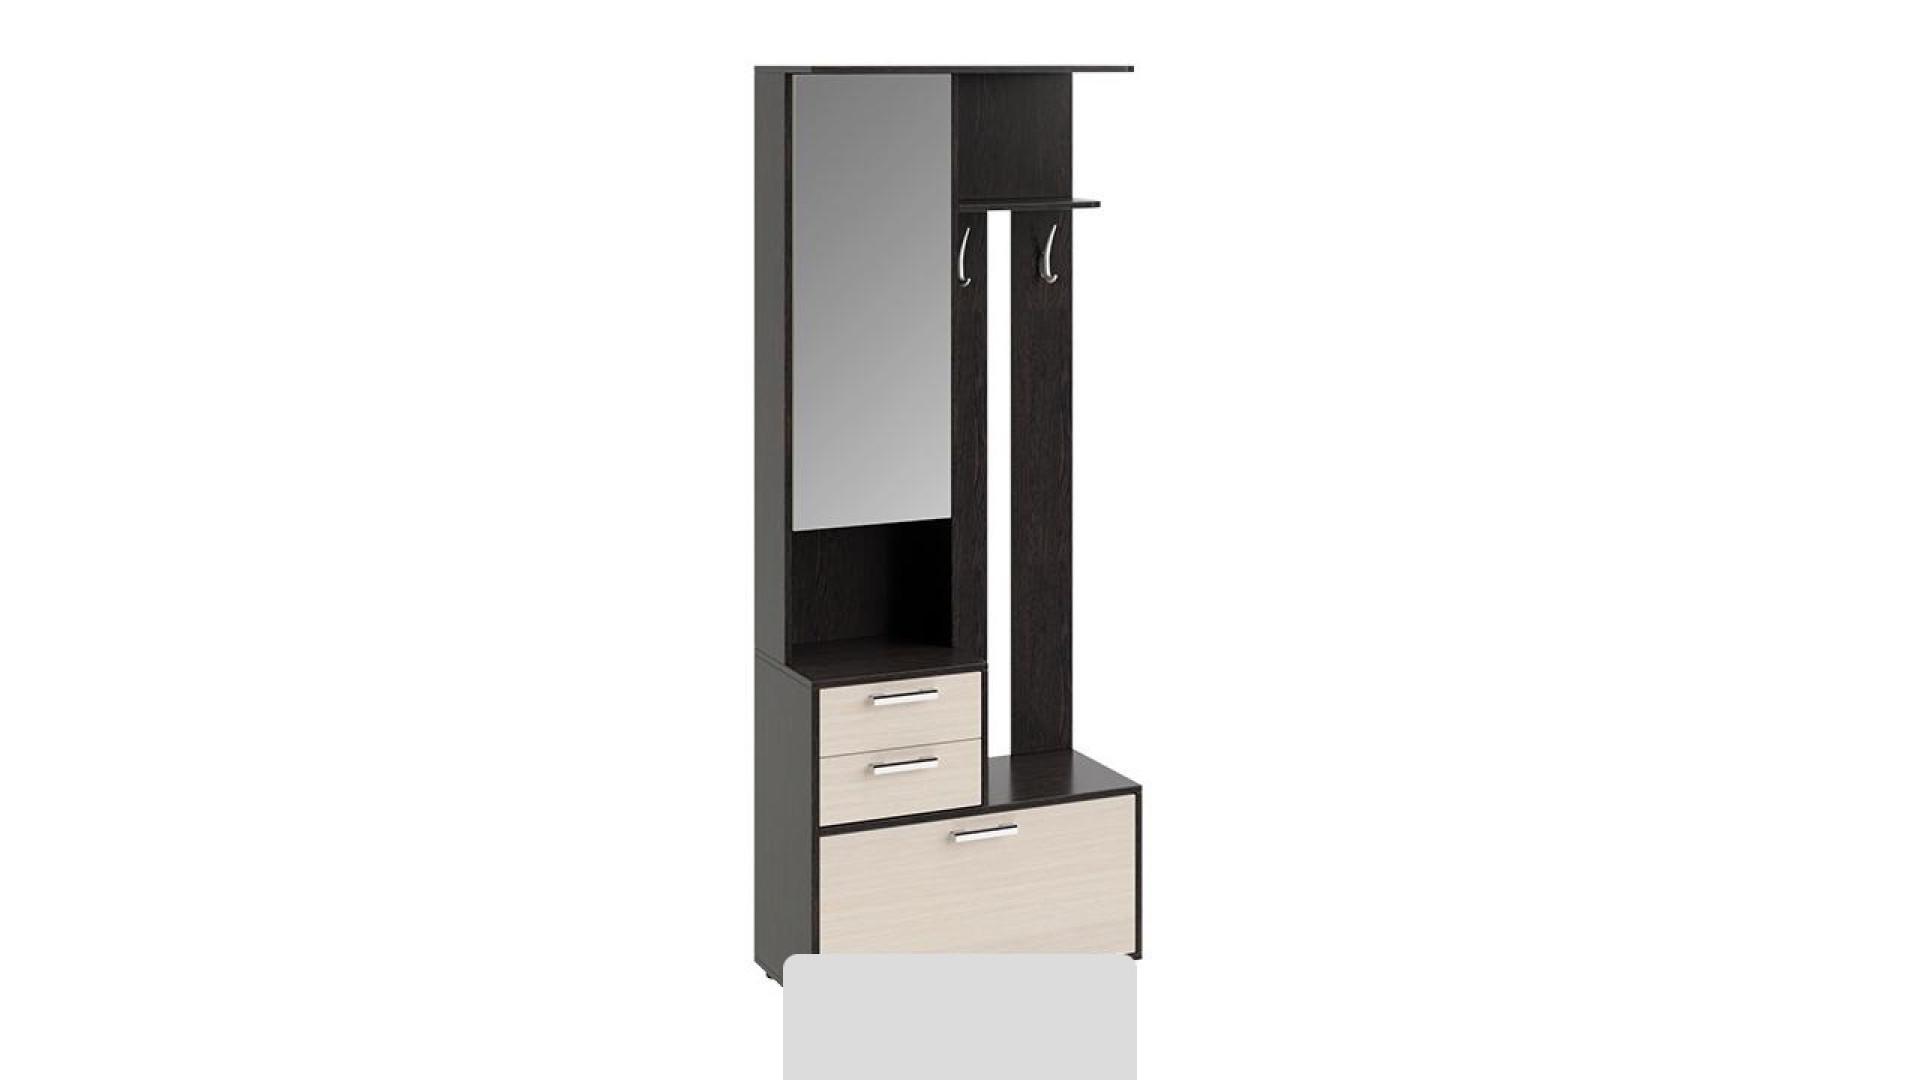 Шкаф-секция комбинированная Витра тип 1 (Венге Цаво/Дуб Белфорт)